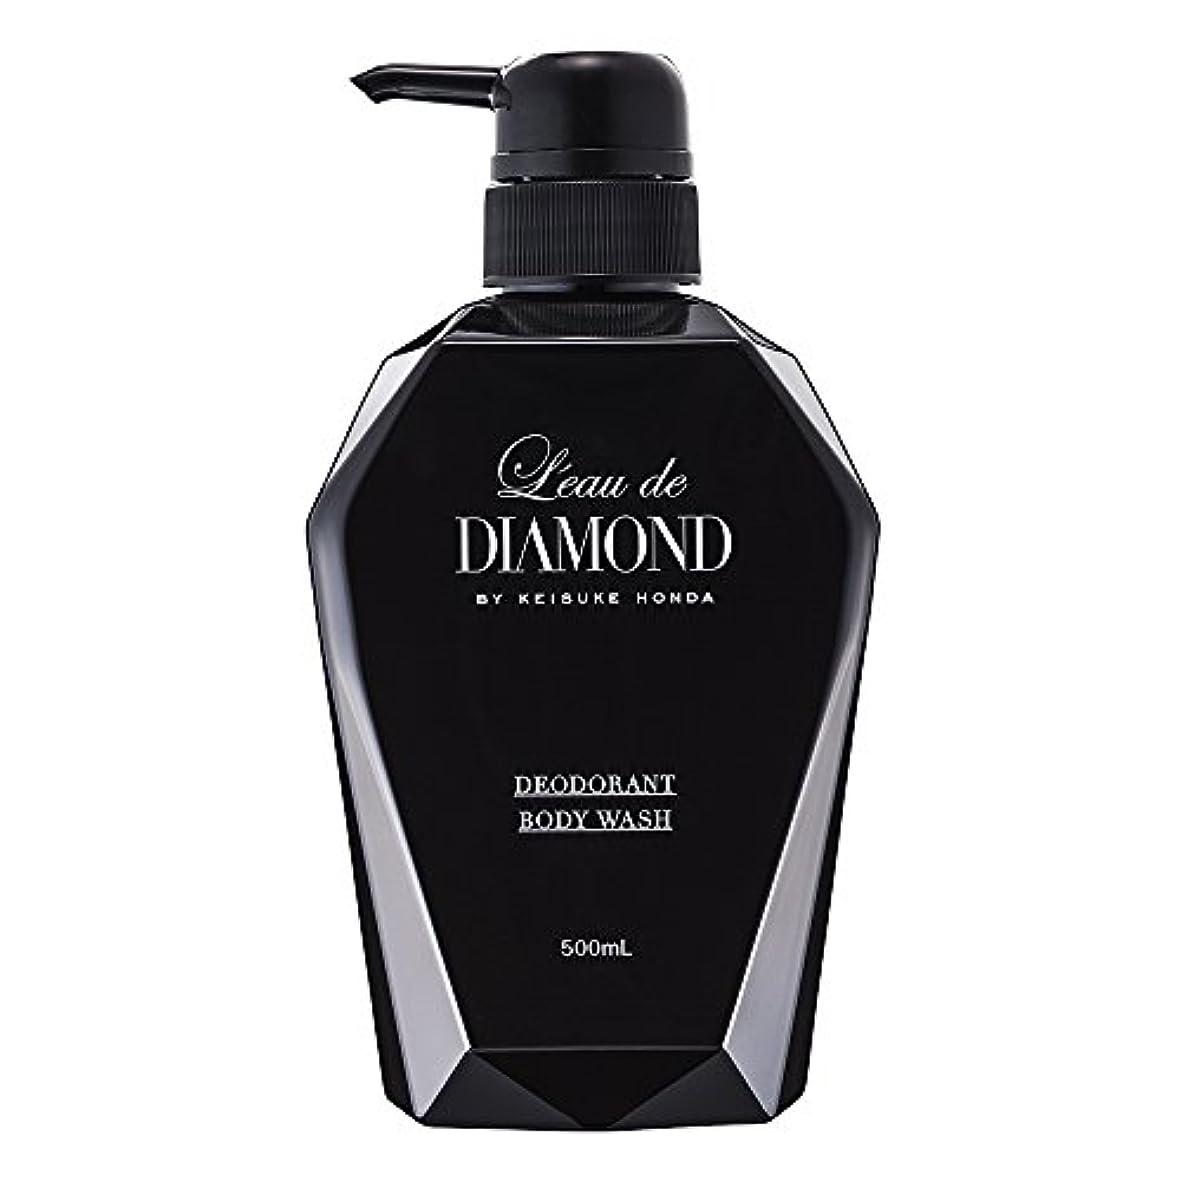 明るくするイブパネルロードダイアモンド 薬用デオドラントボディウォッシュ 500ml